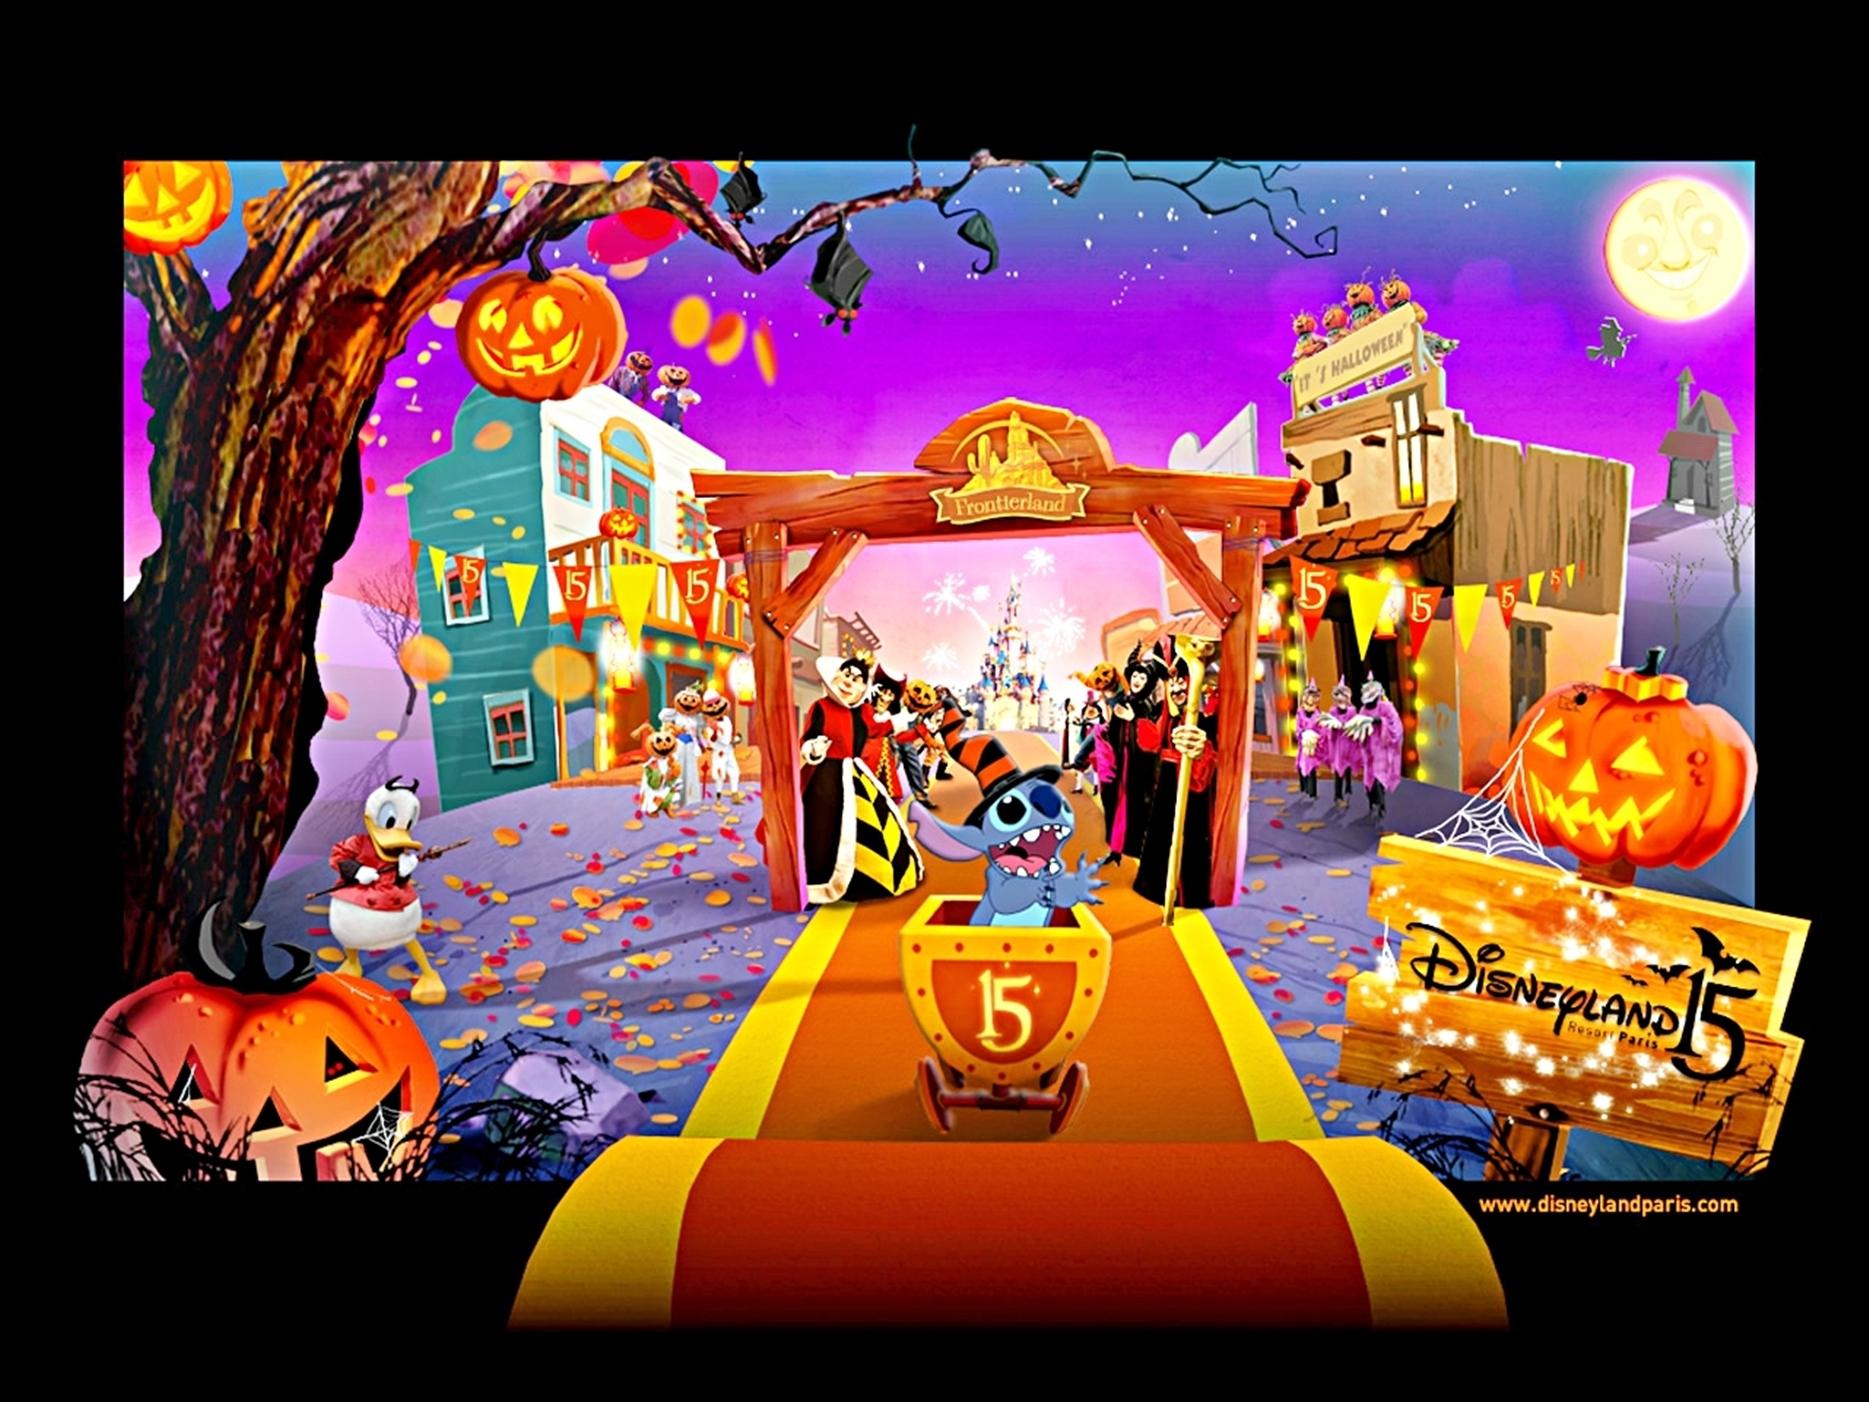 disneyland paris wallpaper wallpapersafari Disneyland 10th Anniversary Disneyland 45th Anniversary